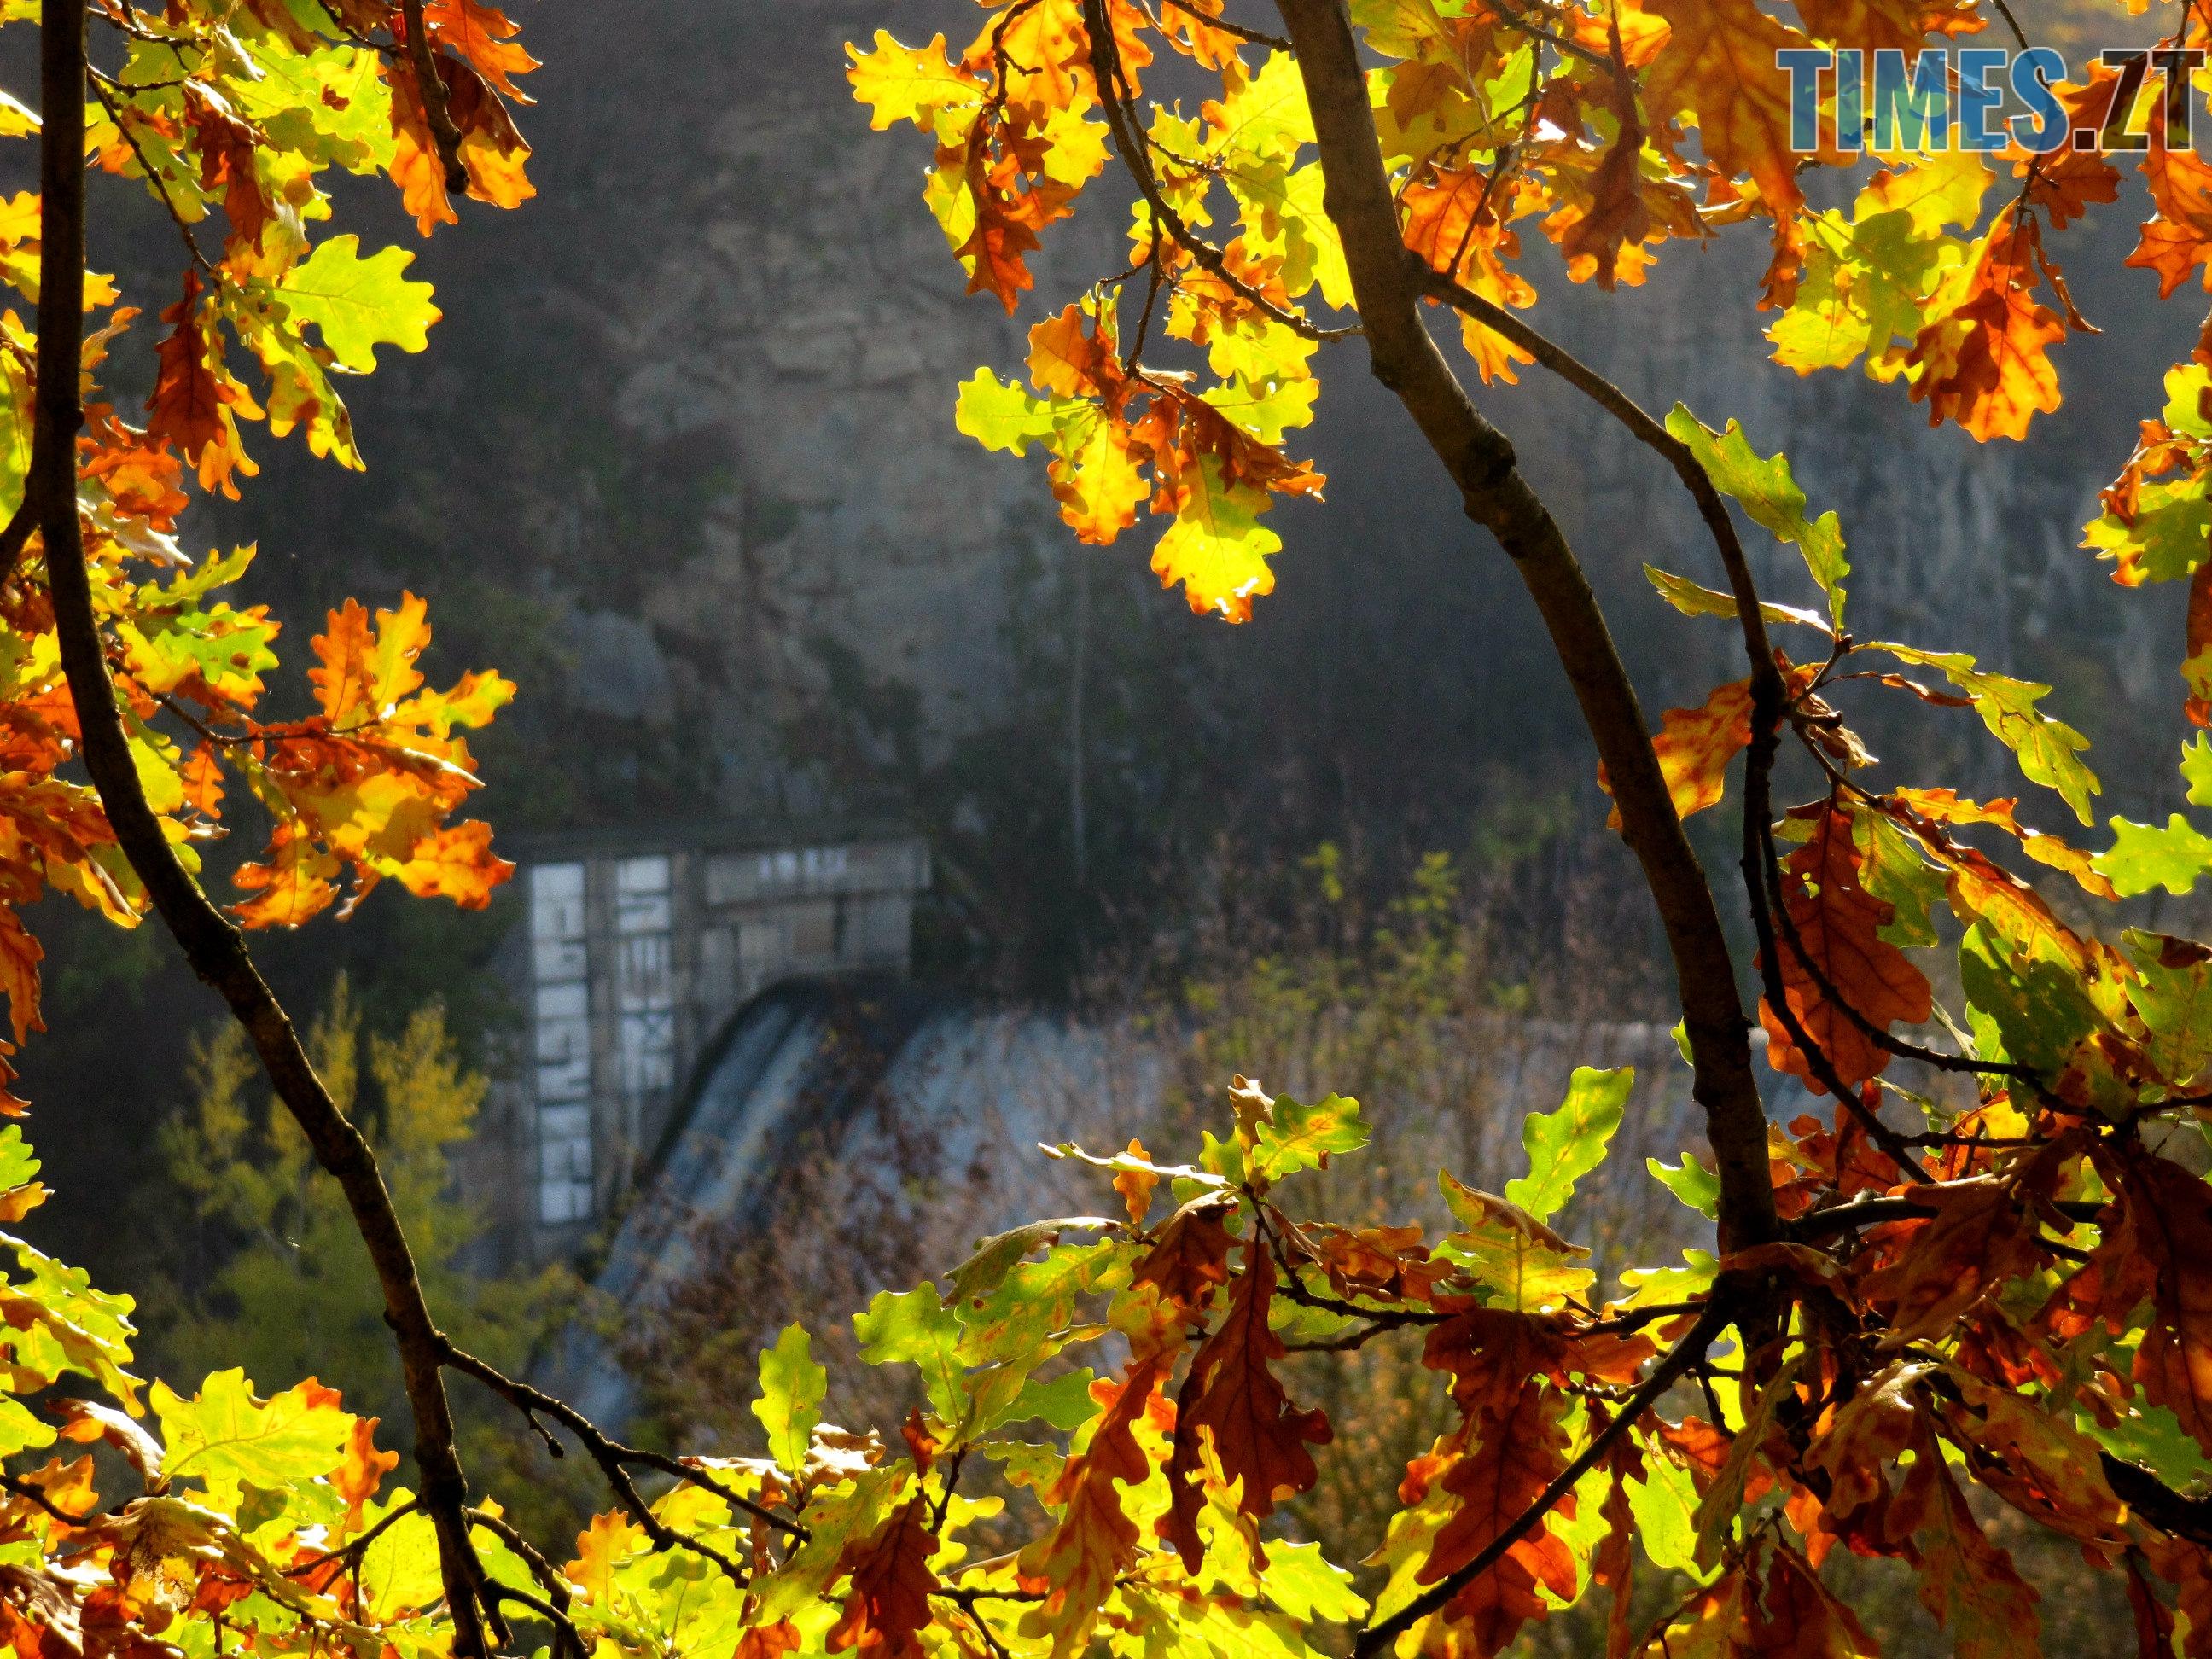 IMG 7158 1 - Осінній Житомир: місто в деталях